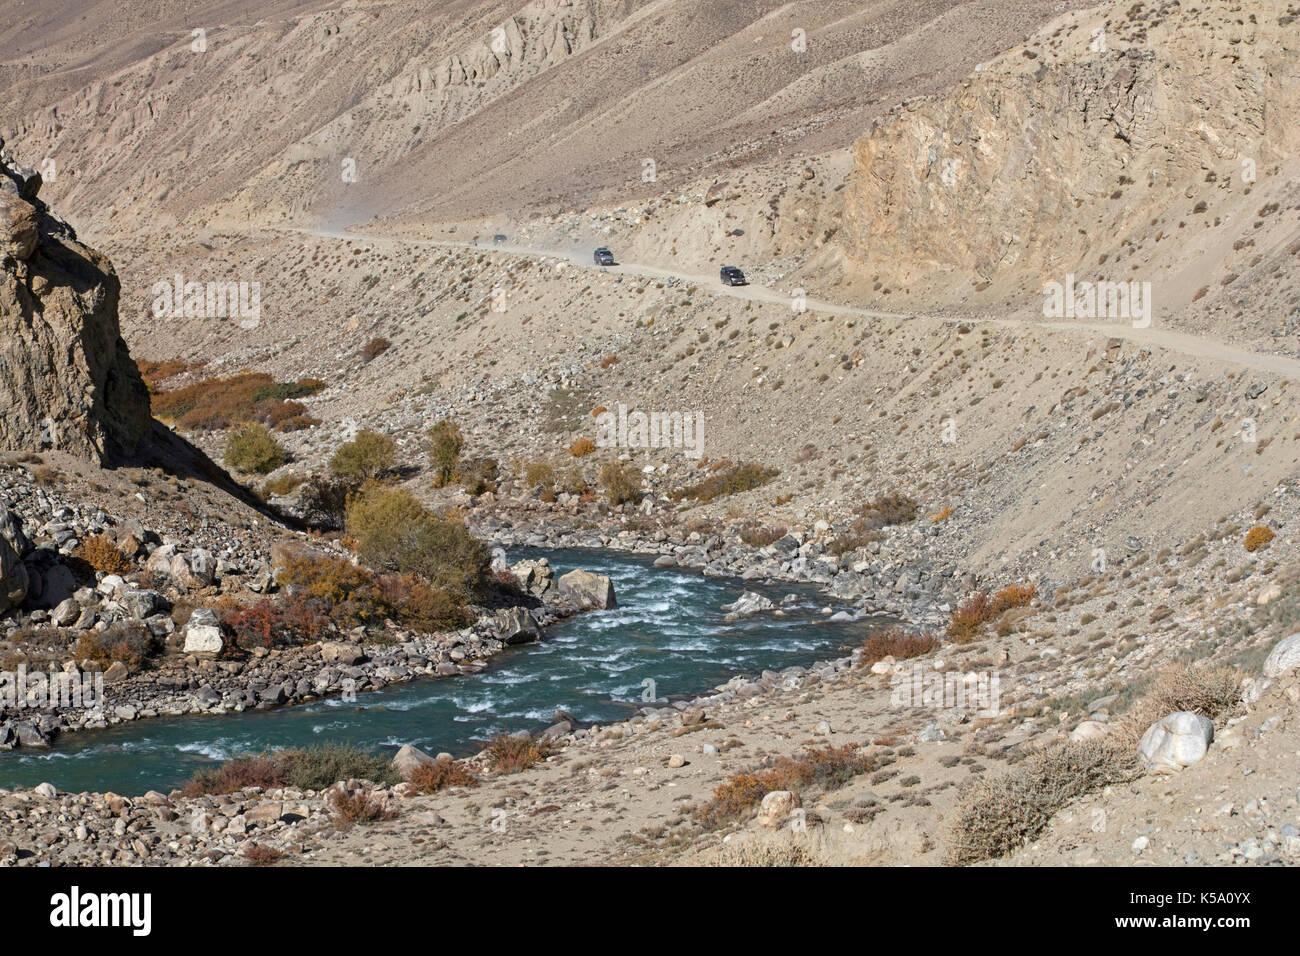 Véhicules 4X4 de la conduite sur la route du Pamir / m41 le long de la rivière dans le Pamir-Gorno Badakhshan province, au Tadjikistan Photo Stock